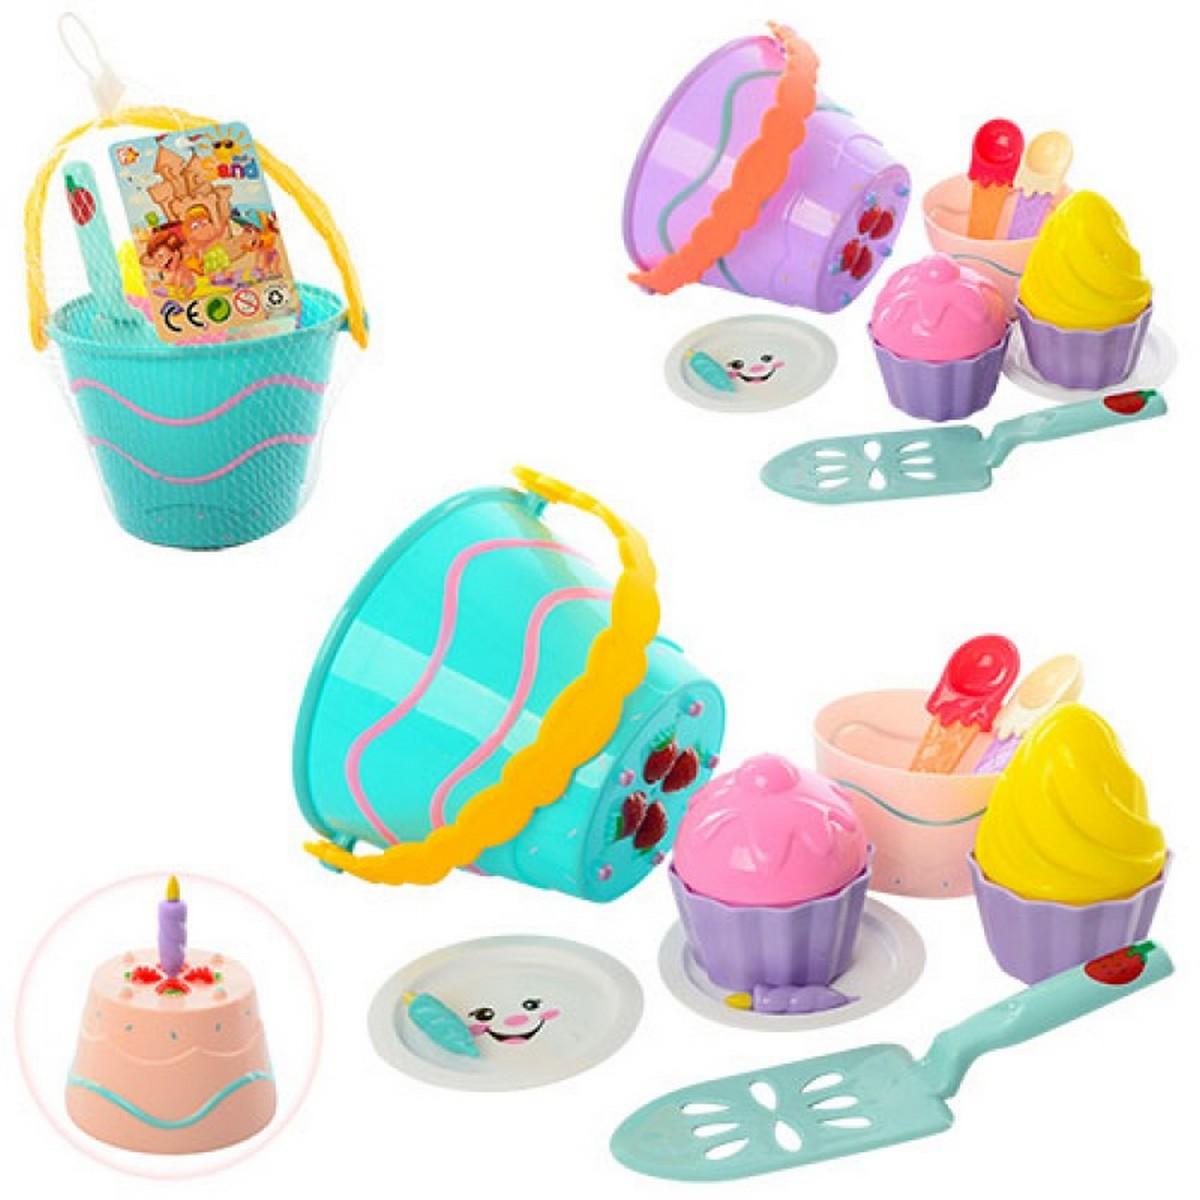 bk toys ltd. Набор для песочницы 2 цвета «Торт» 743